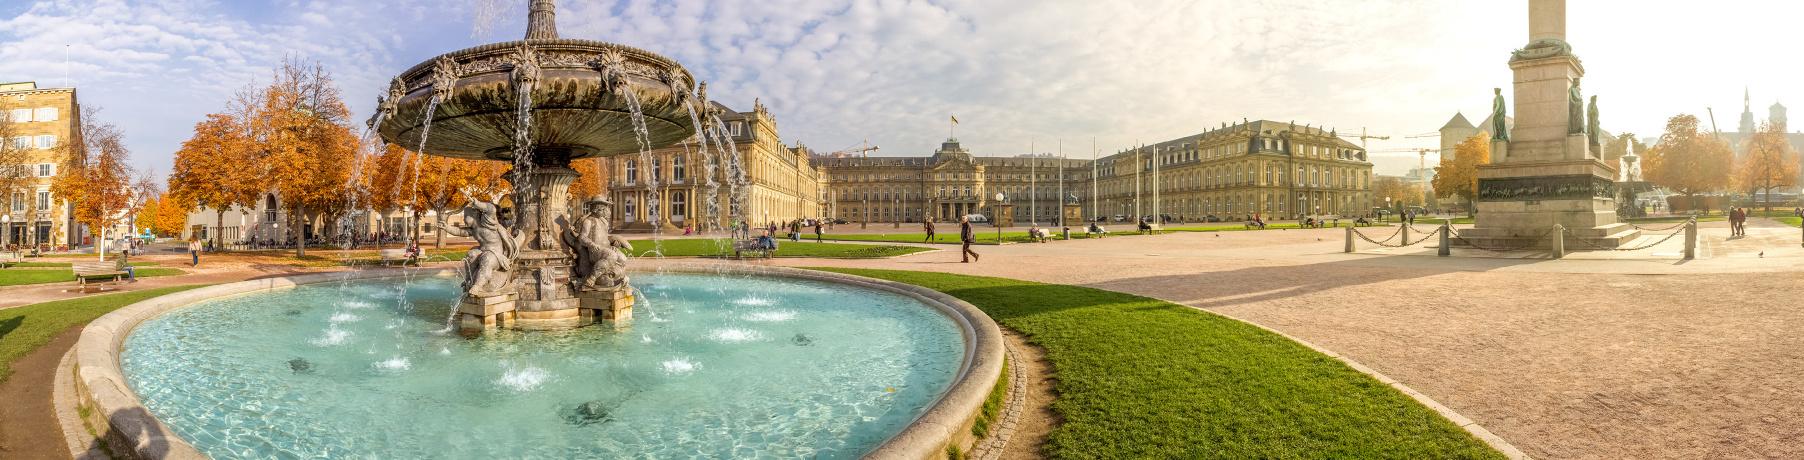 Hintergrundbild Stuttgart